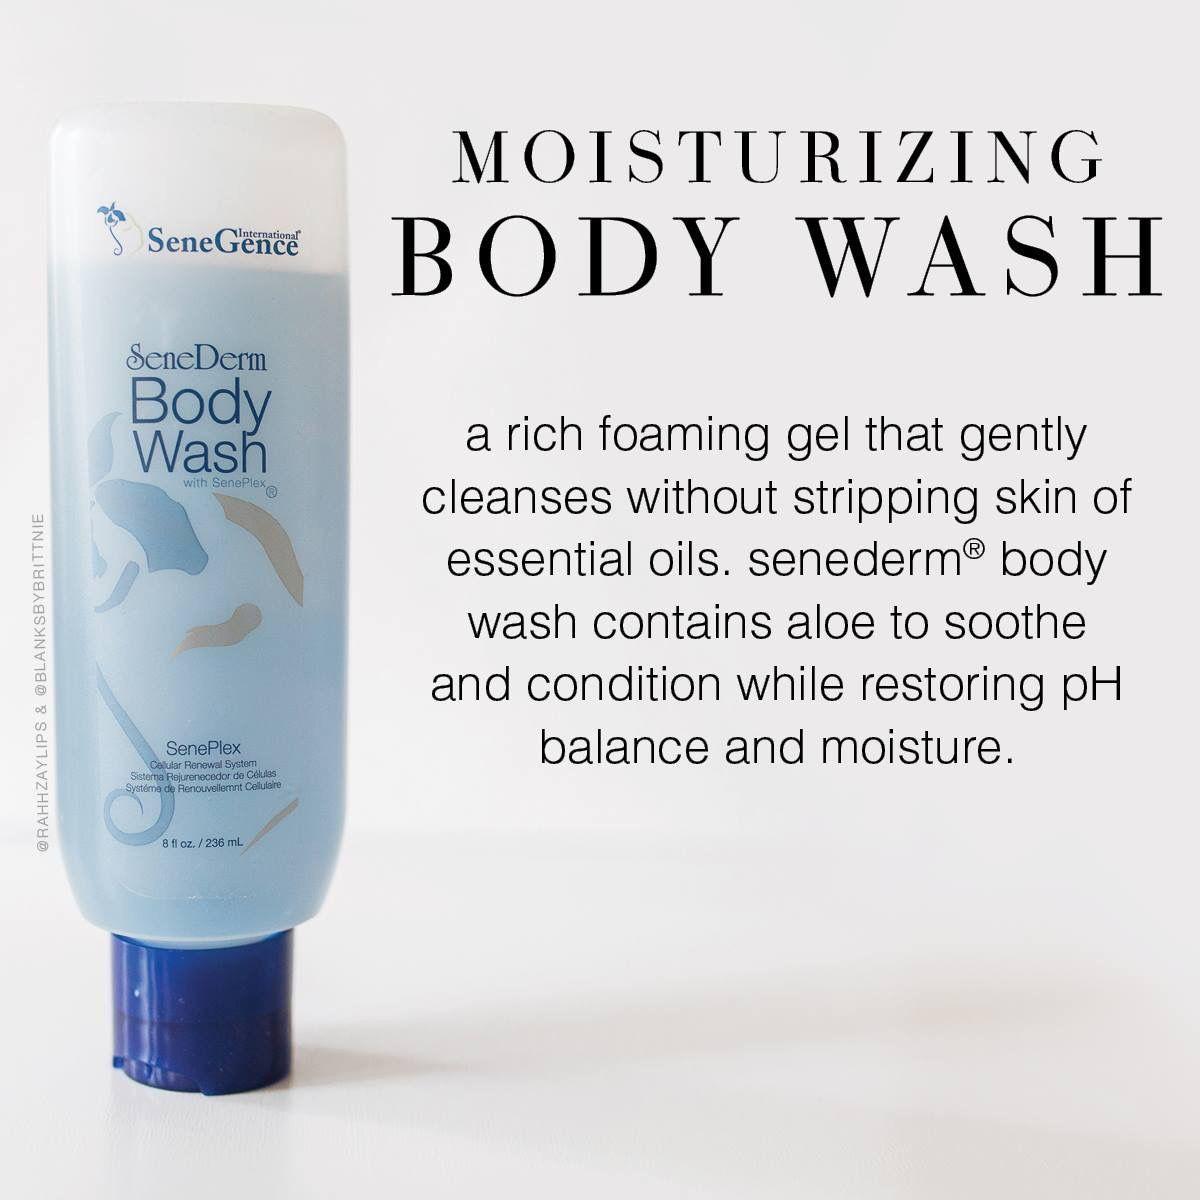 Senegence Body Wash Body wash, Senegence, Moisturizing